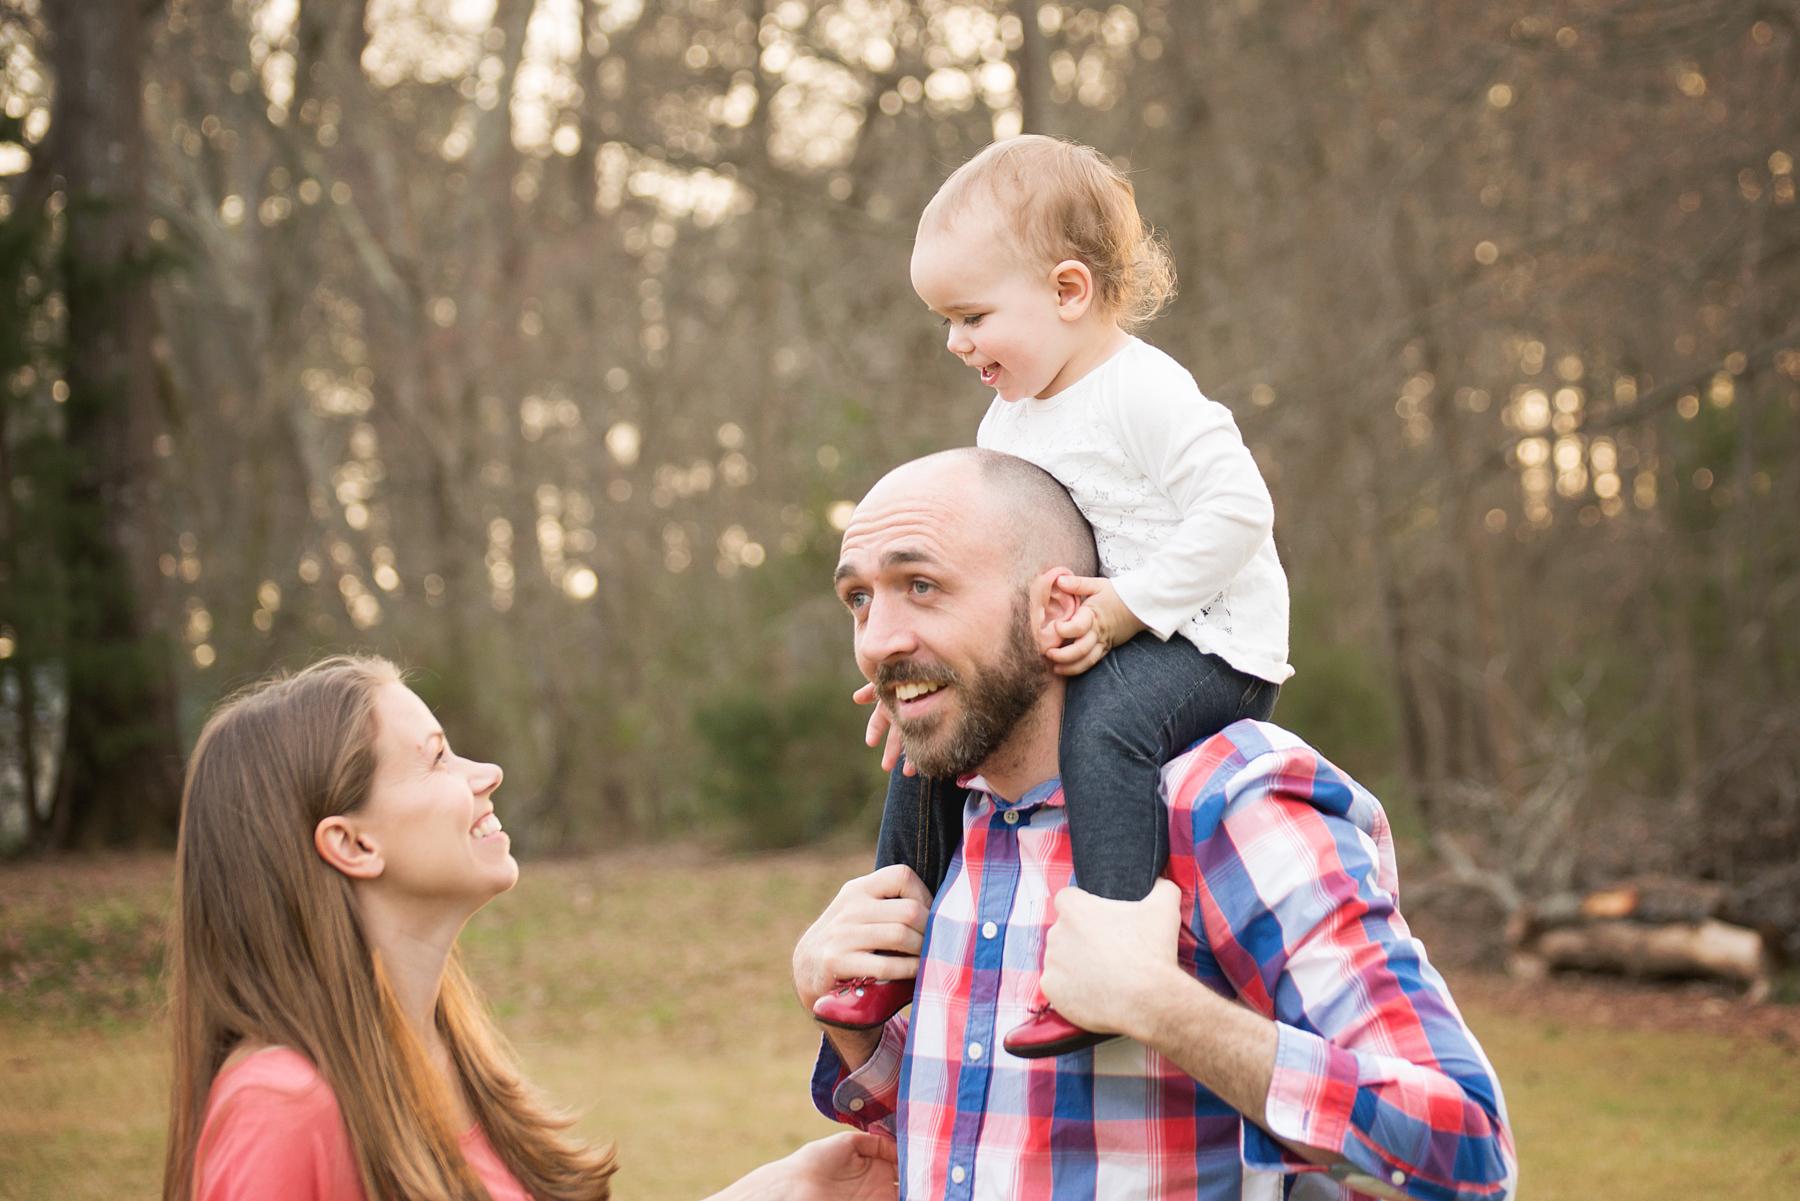 family_photographer-14.jpg